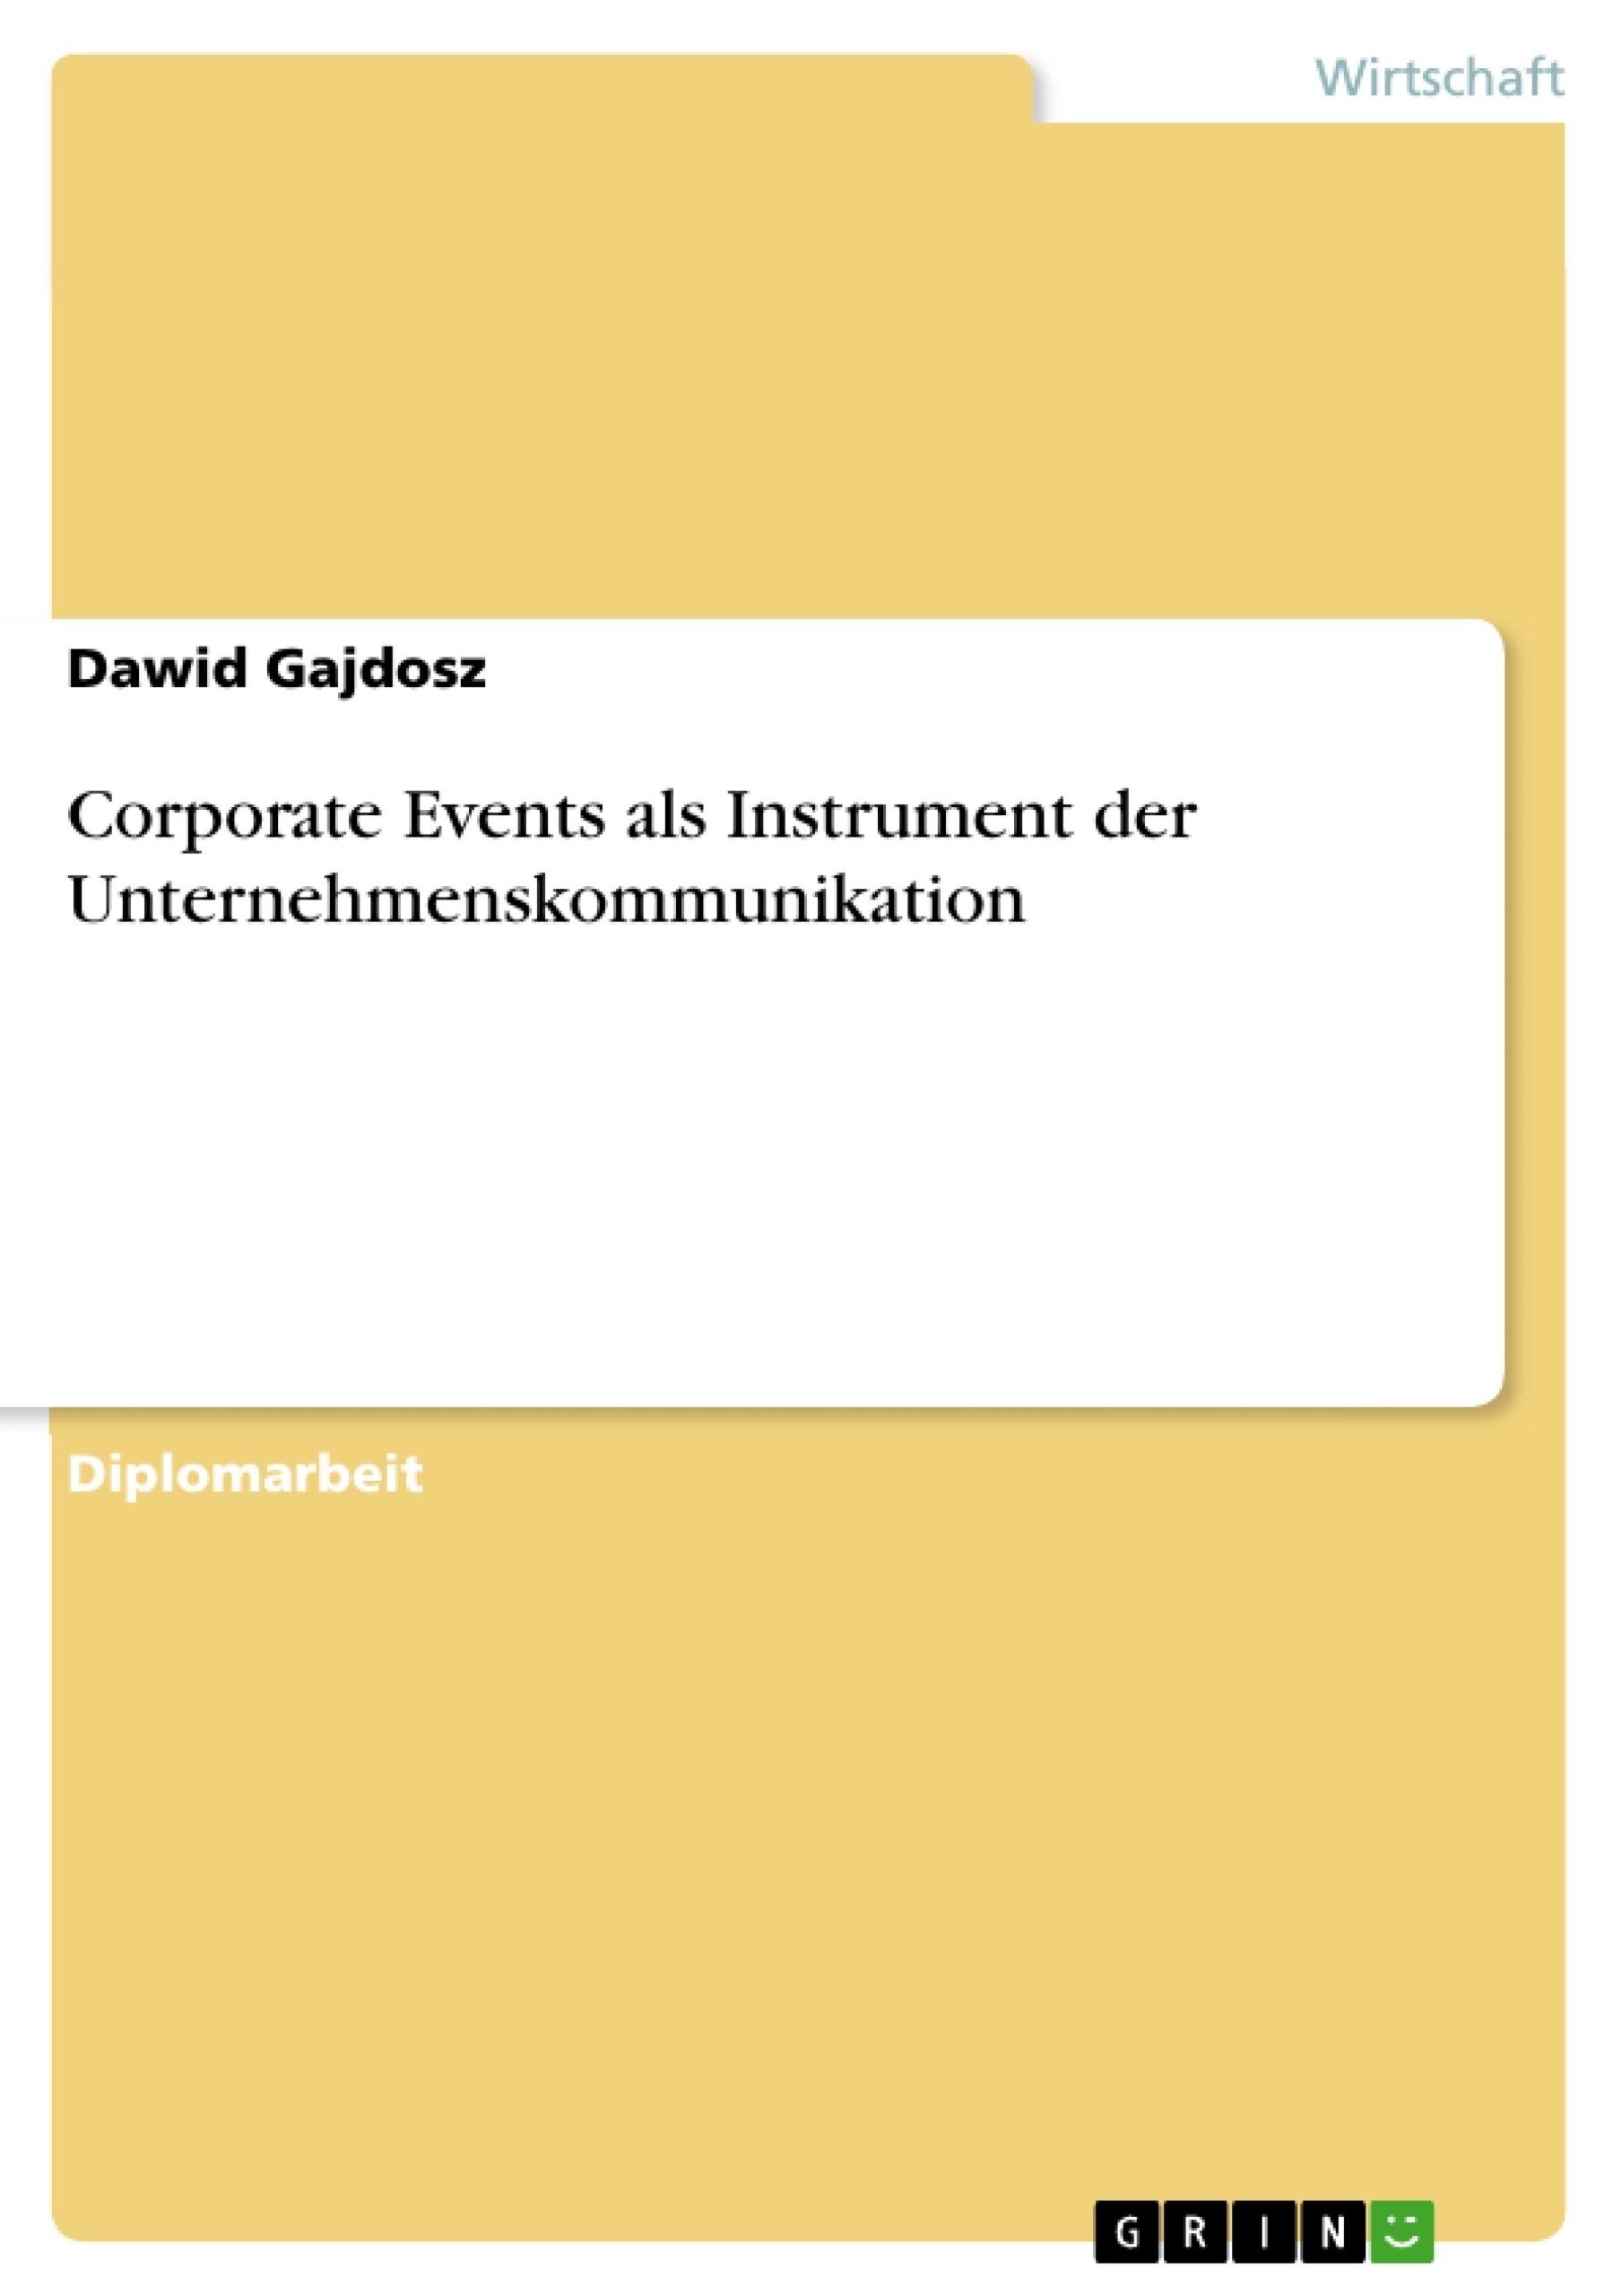 Titel: Corporate Events als Instrument der Unternehmenskommunikation